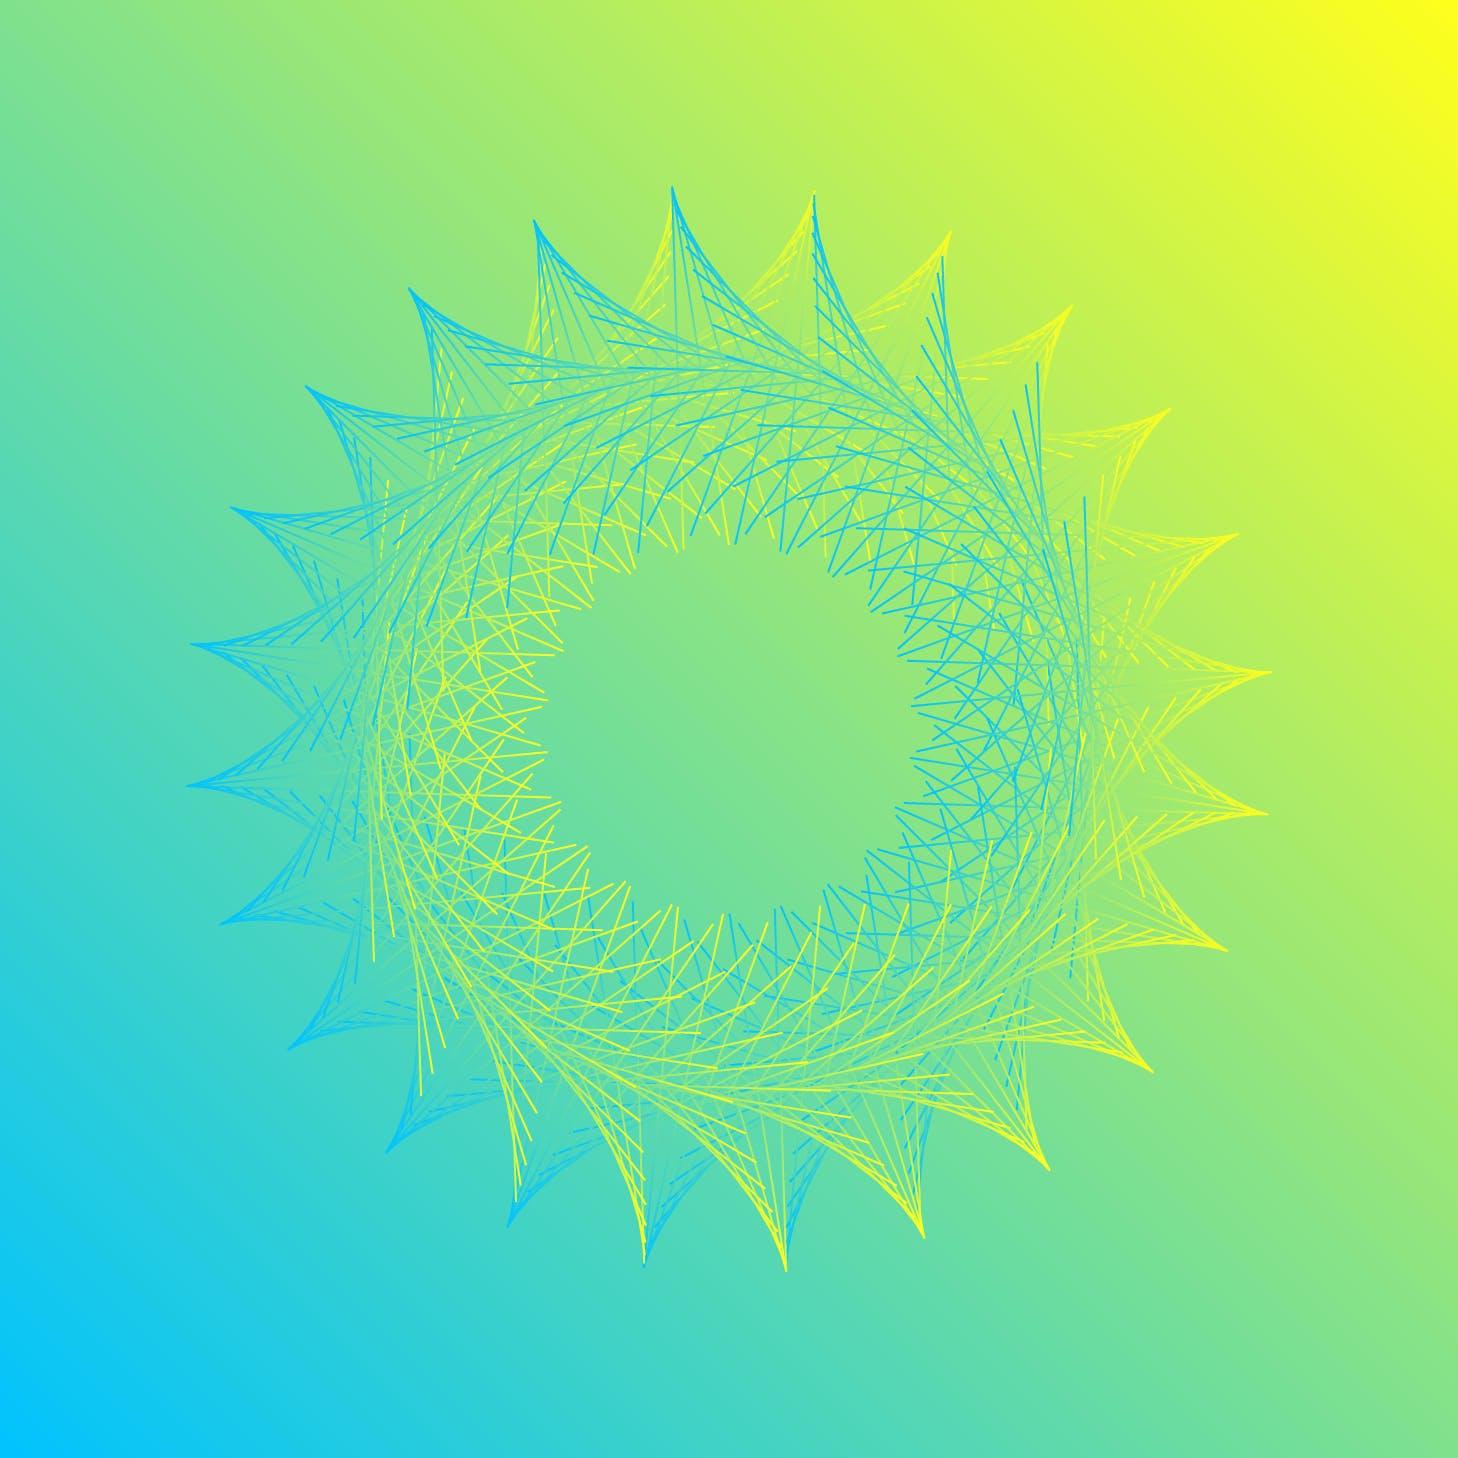 8款螺旋状线条网格矢量图案素材 Geometric Spiral Collection插图(6)